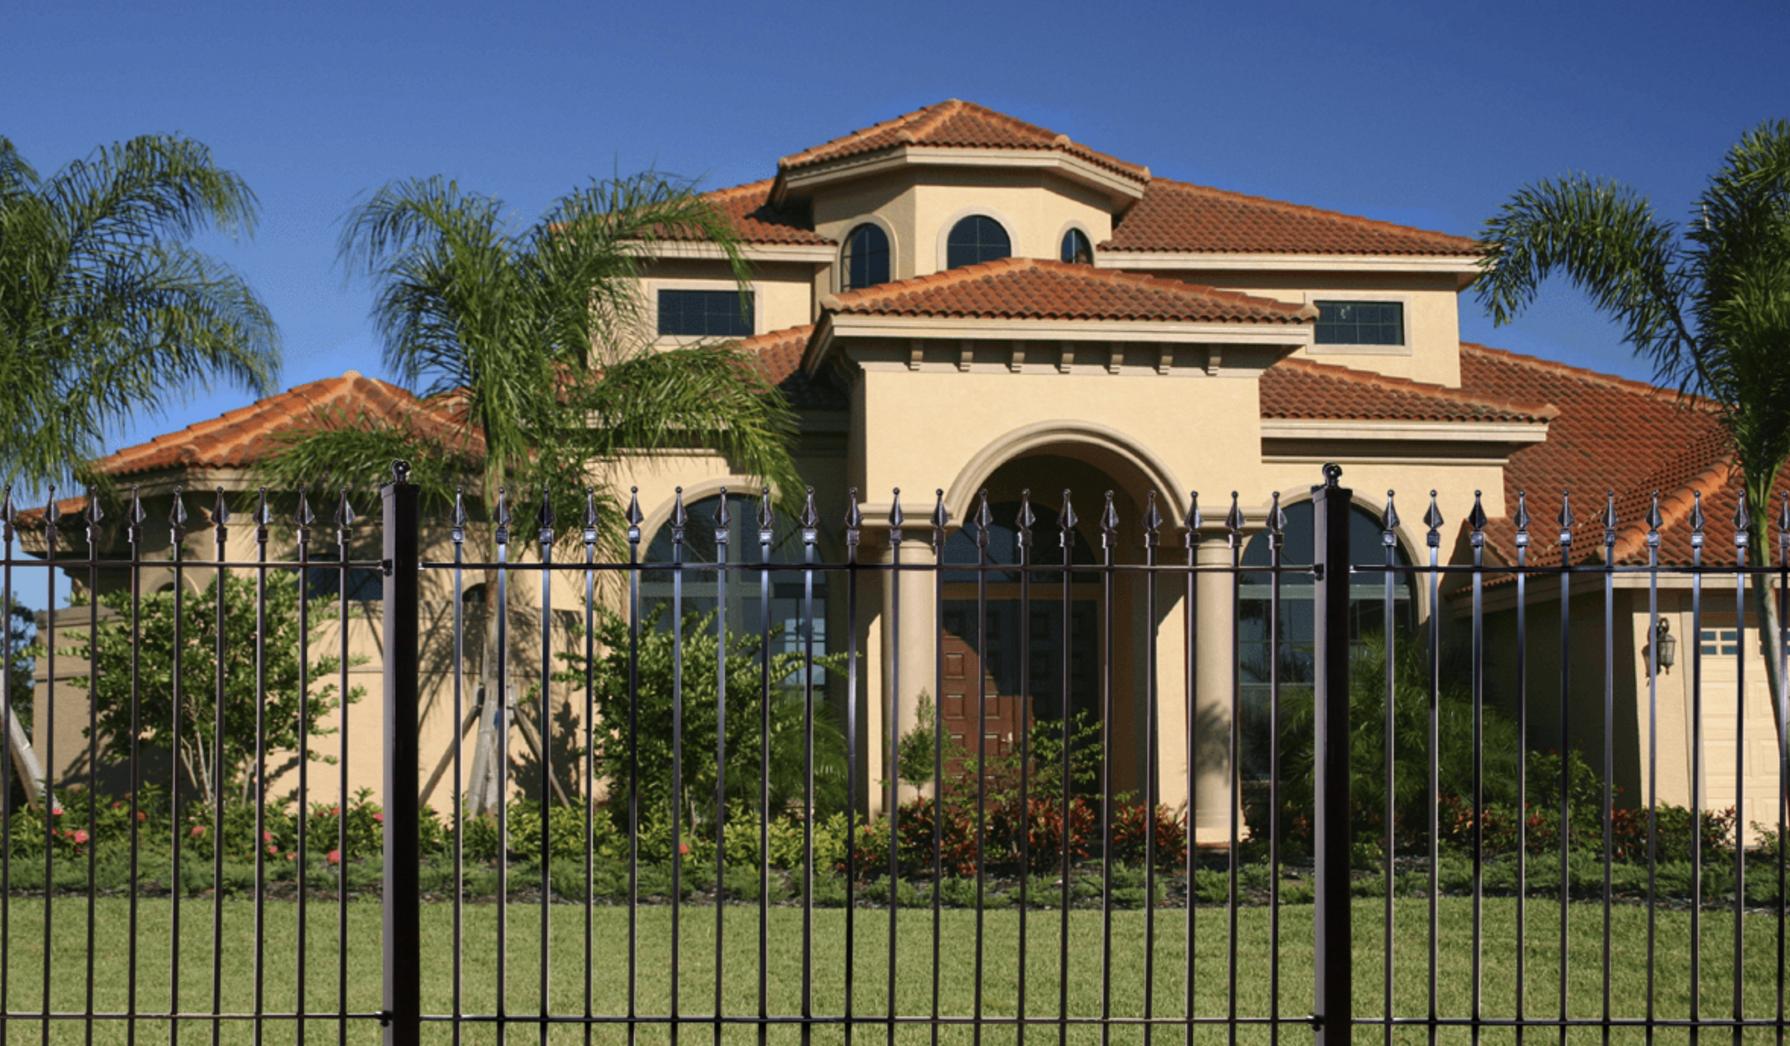 Encinitas Fence Installation Company